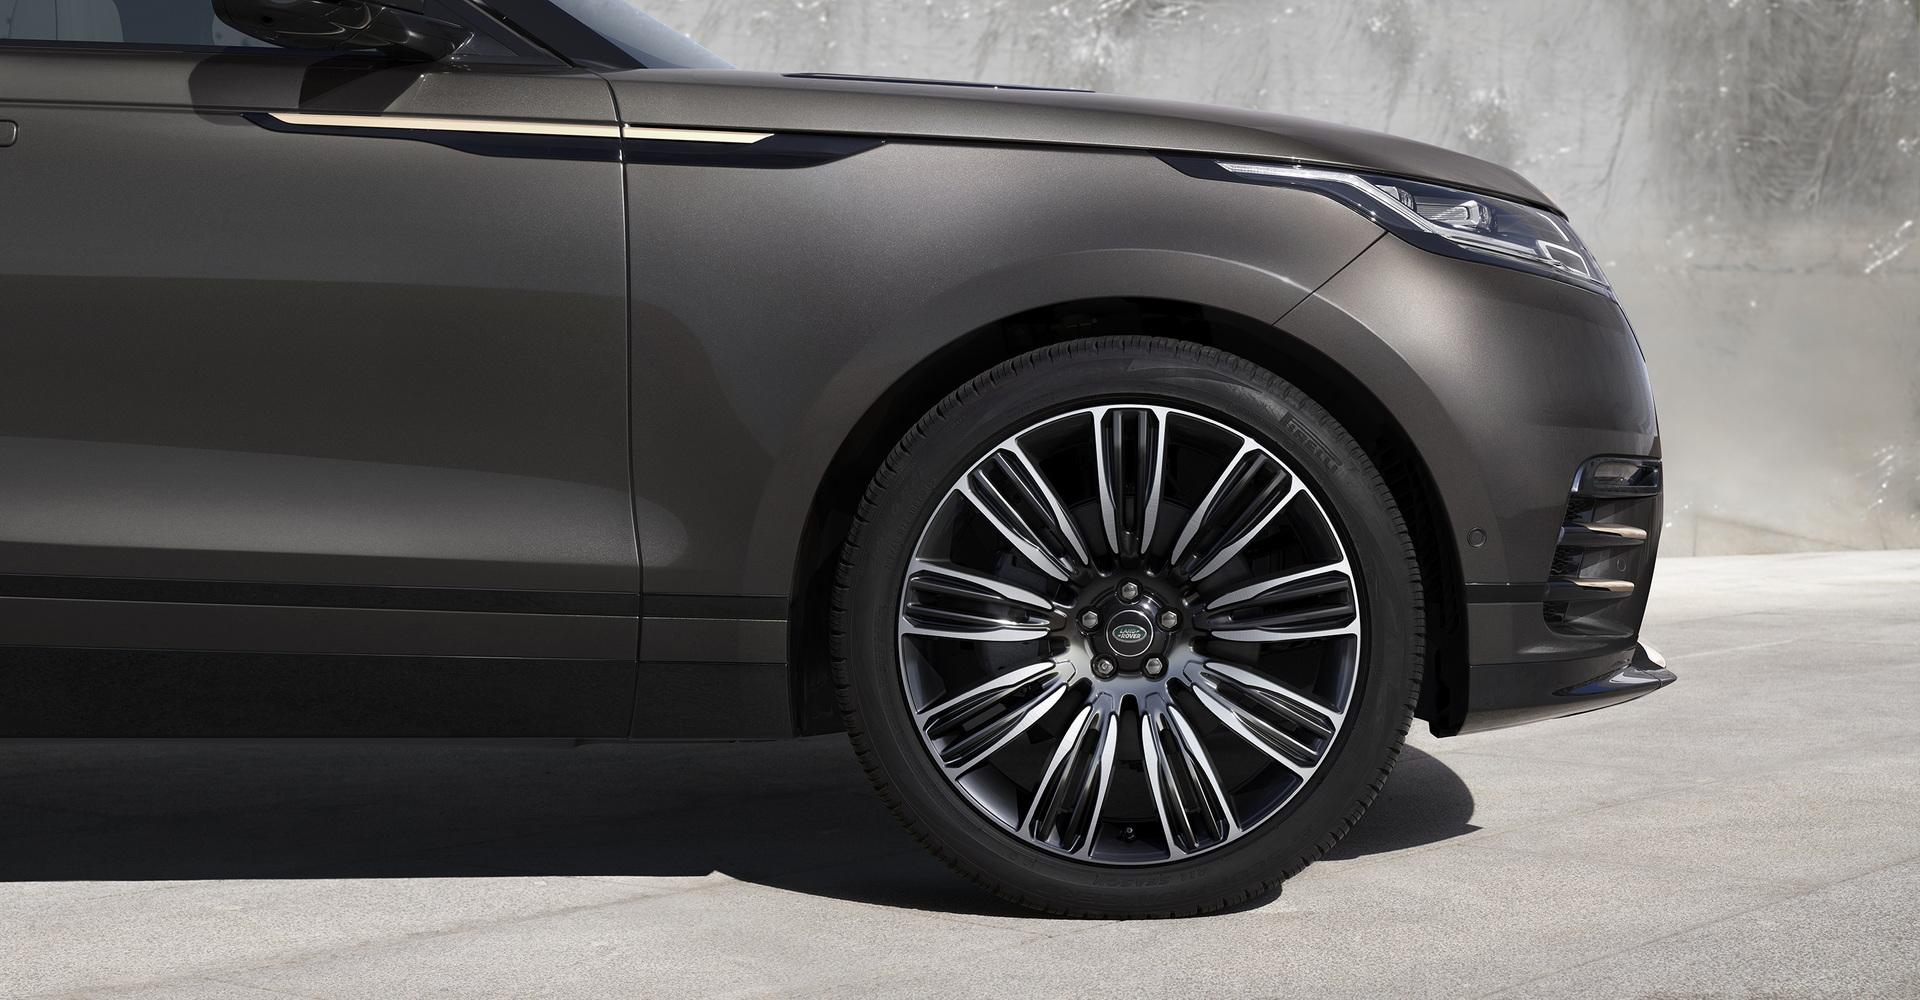 Land-Rover-ra-mắt-Range-Rover-Velar-2022-với-nhiều-nâng-cấp (1).jpg